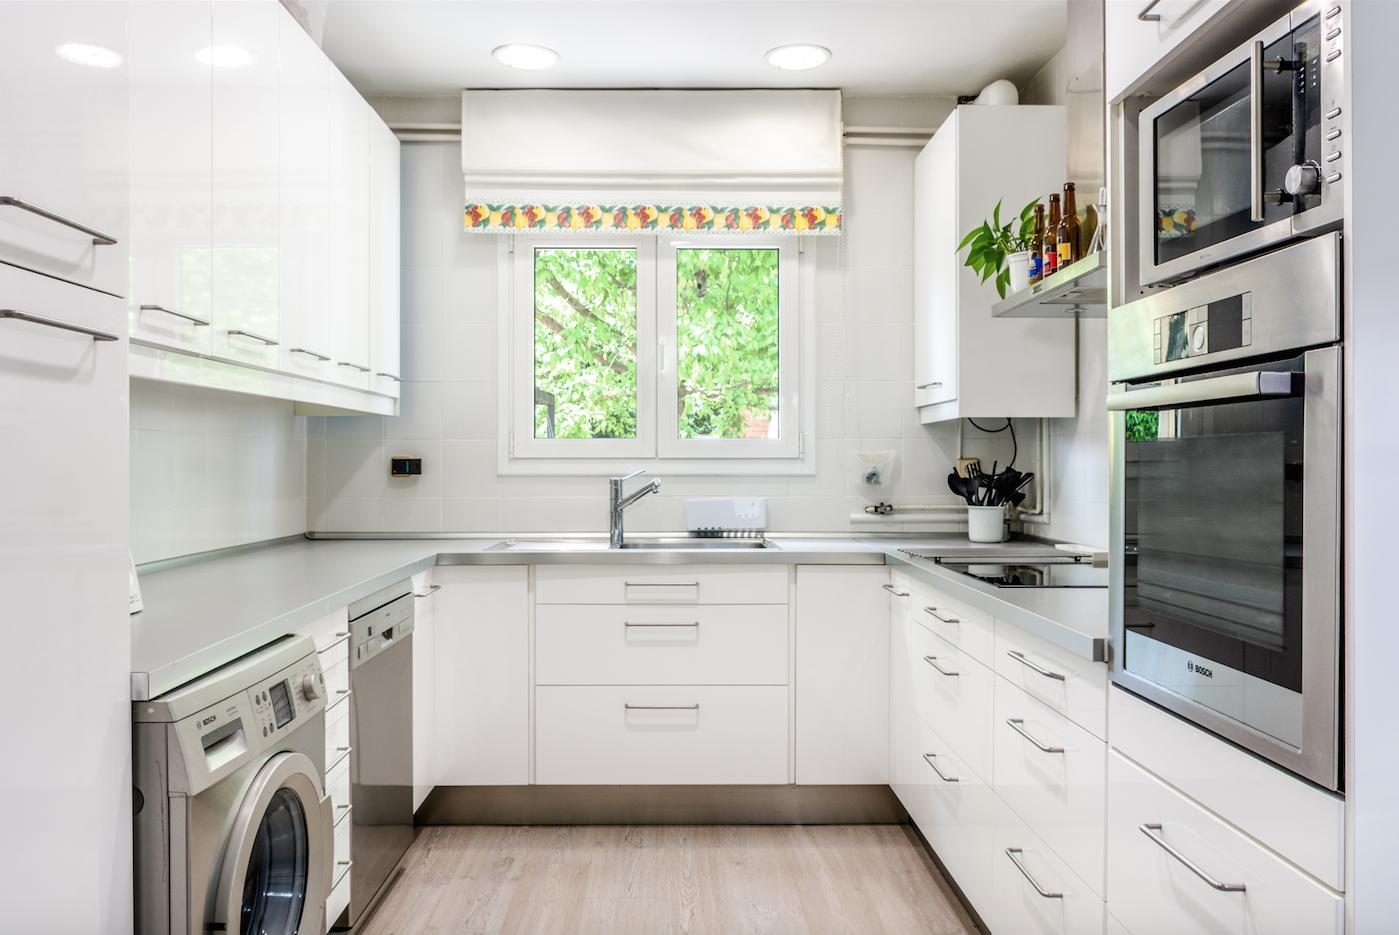 La casa disposa d'una cuina completa. FOTO: Cedida